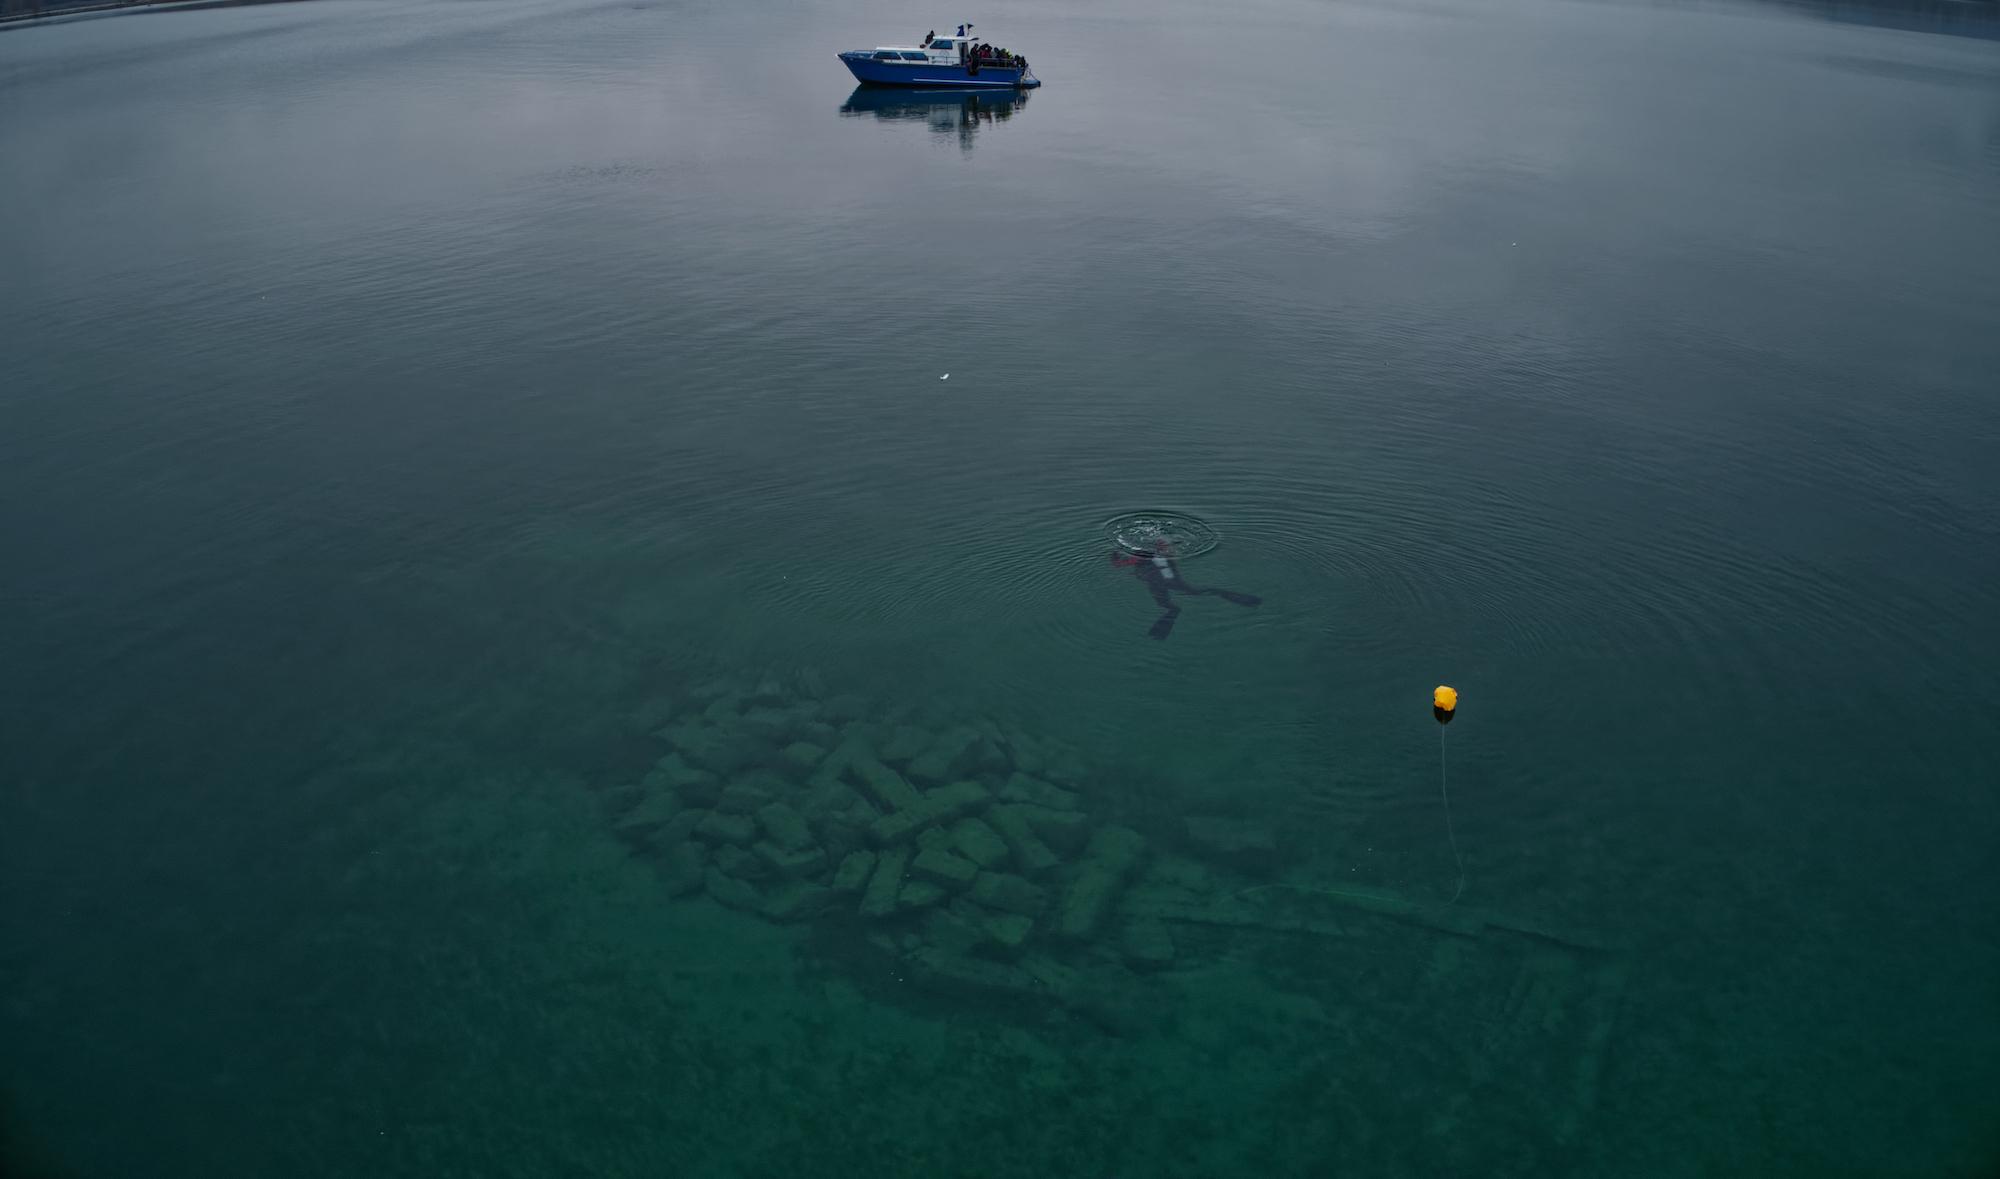 """Quand une """"anomalie"""" est constituée de plusieurs dizaines de gros blocs de pierre, elle devient particulièrement visible depuis le ciel © Octopus Foundation"""